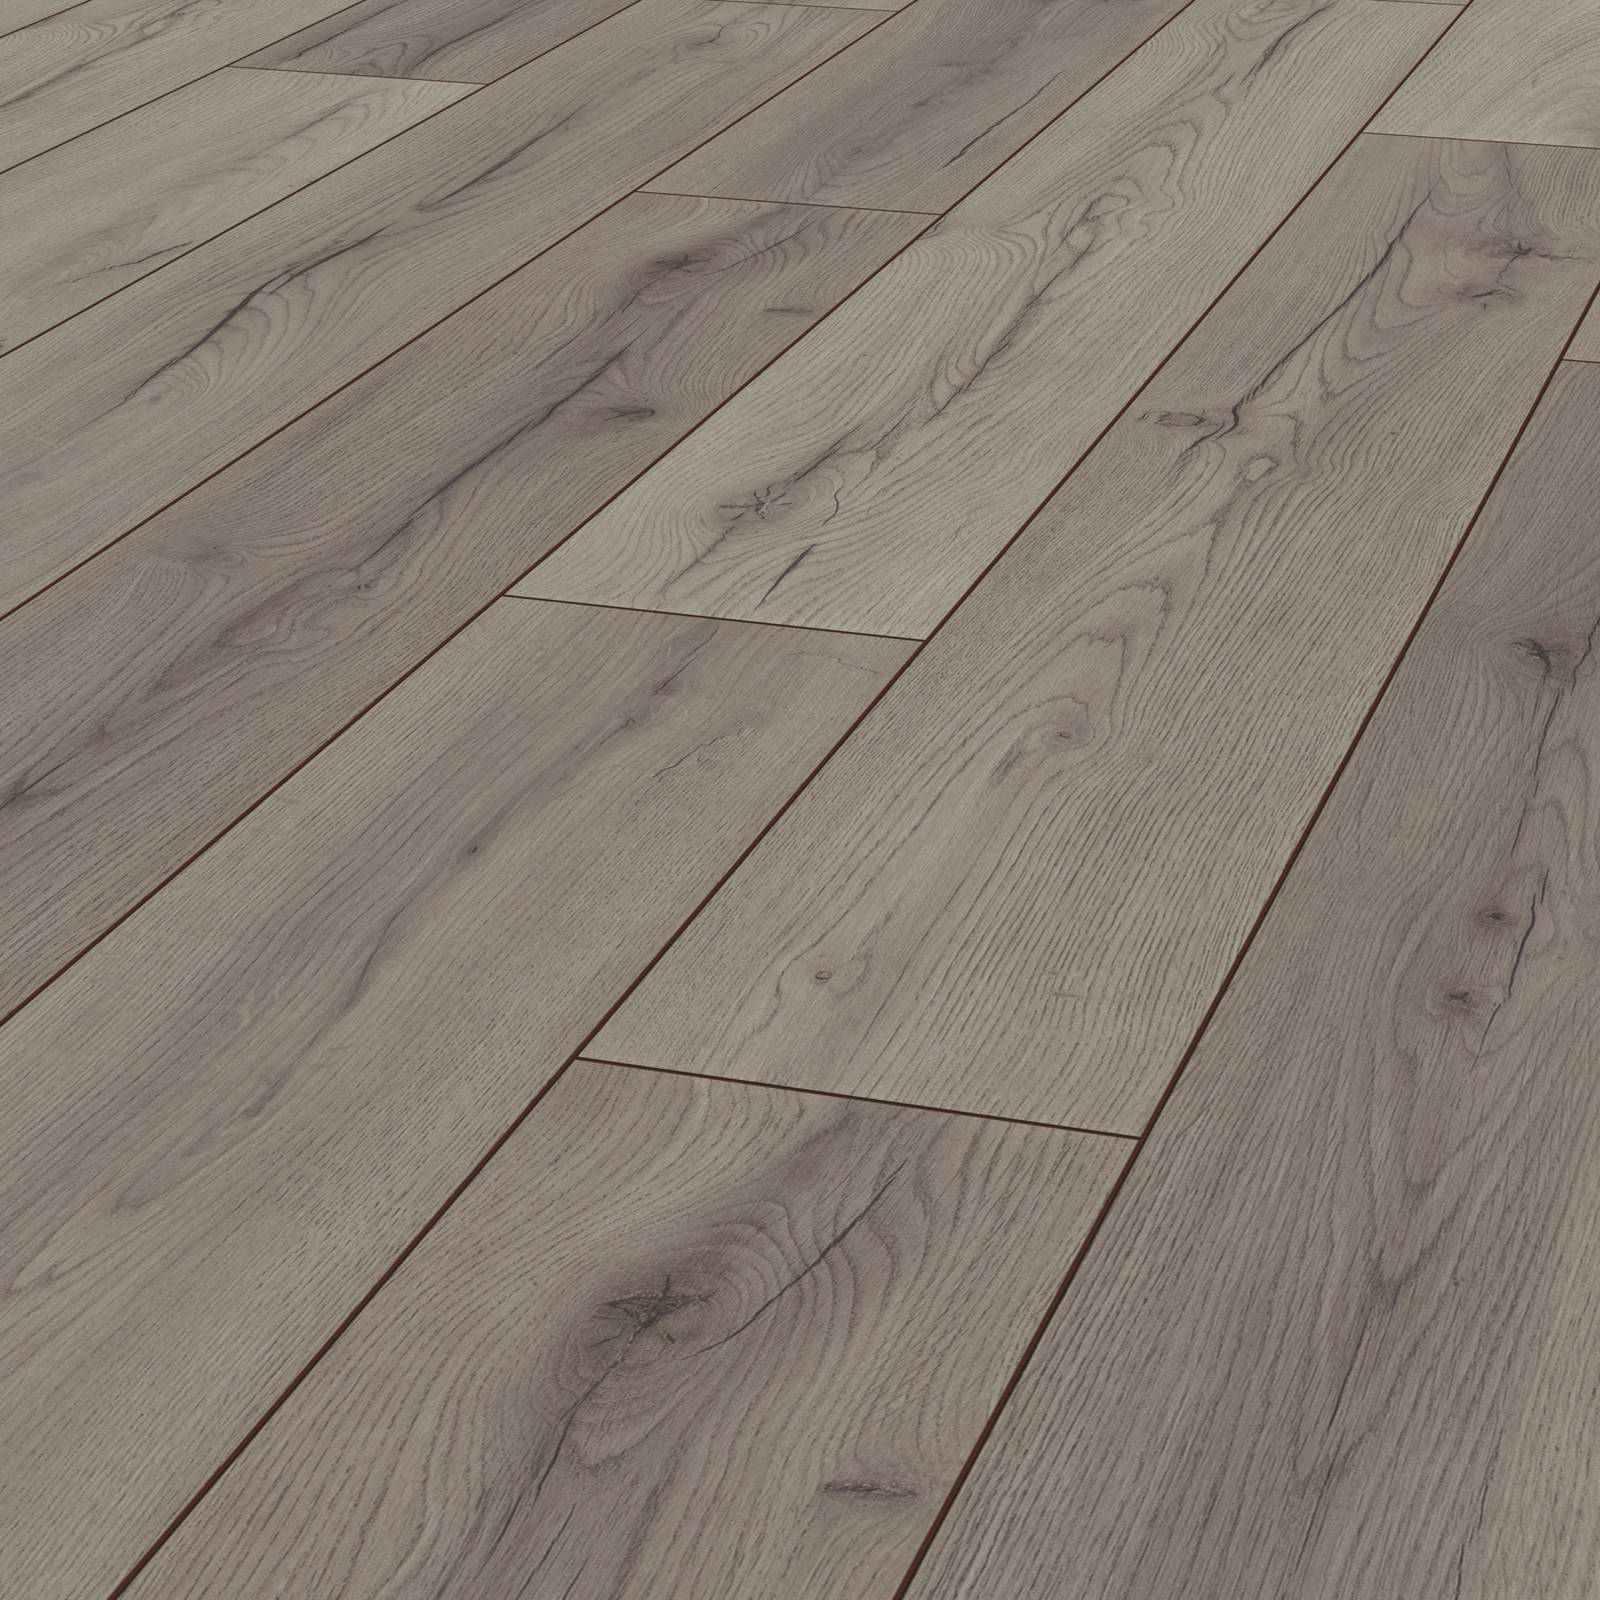 kronotex standard plus century eiche grau d4175 laminat palette 134 24 m standard plus 7. Black Bedroom Furniture Sets. Home Design Ideas